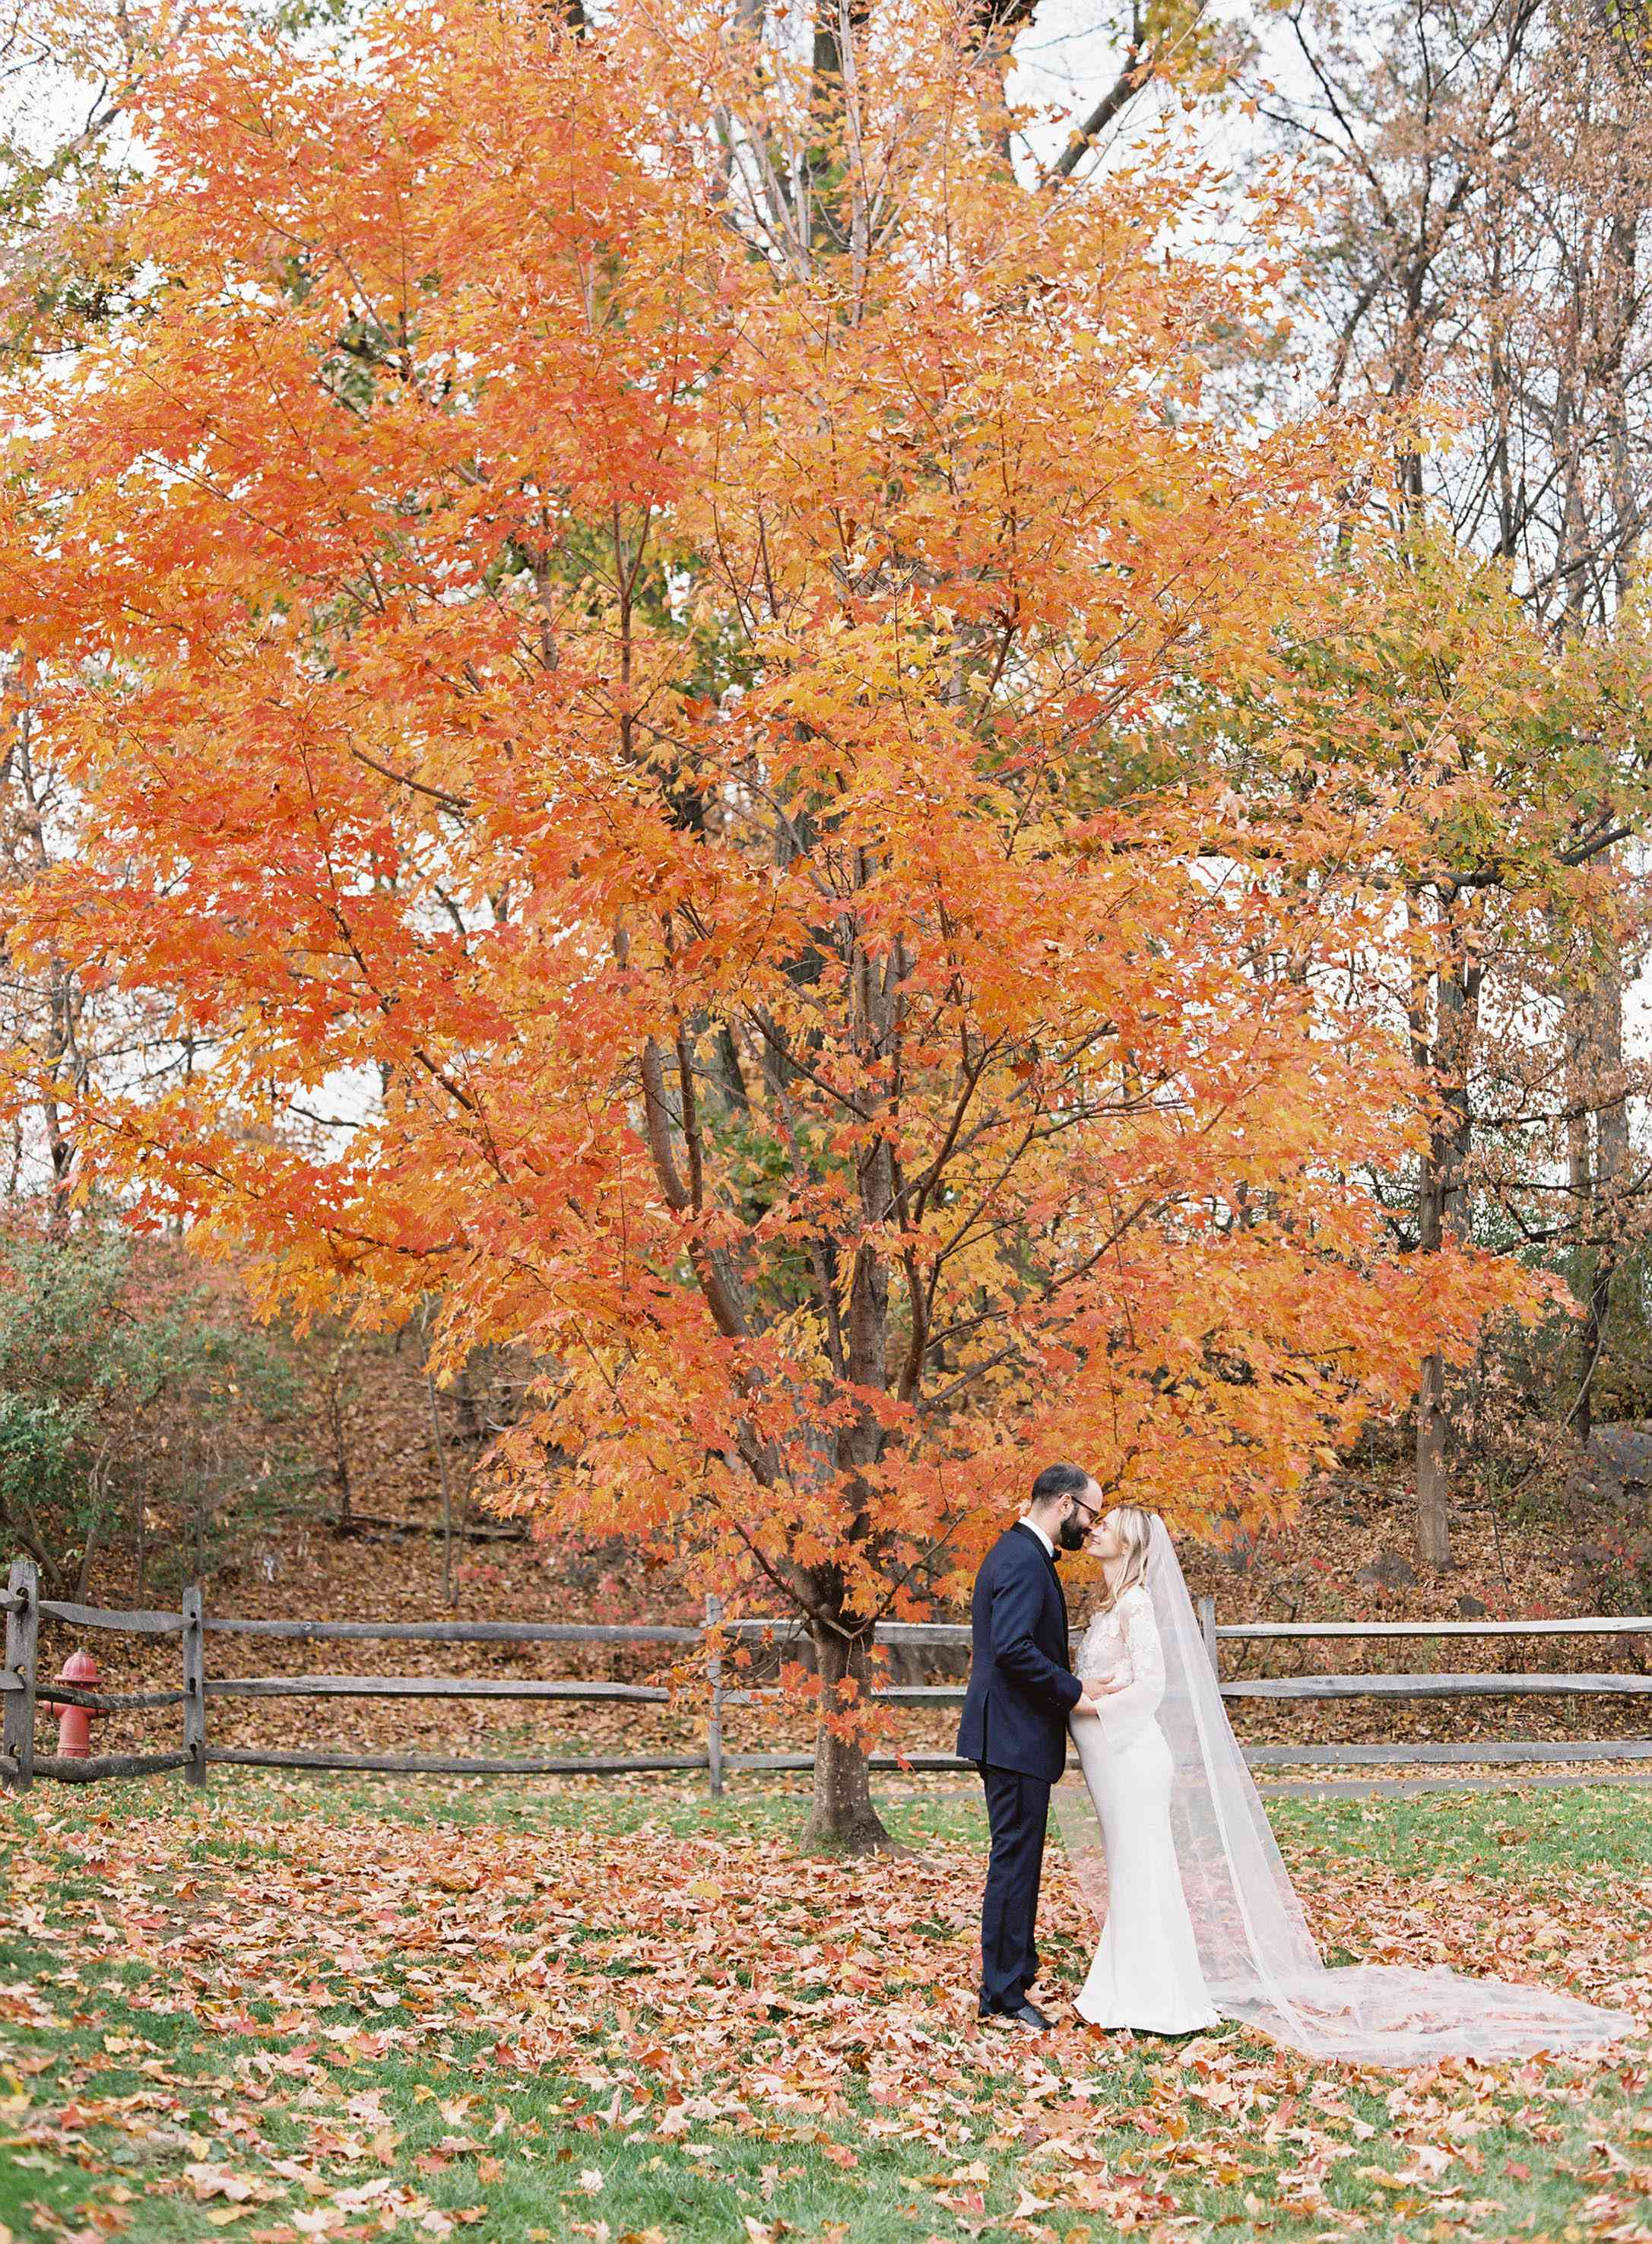 39 Fall Wedding Décor Ideas For The Ultimate Seasonal